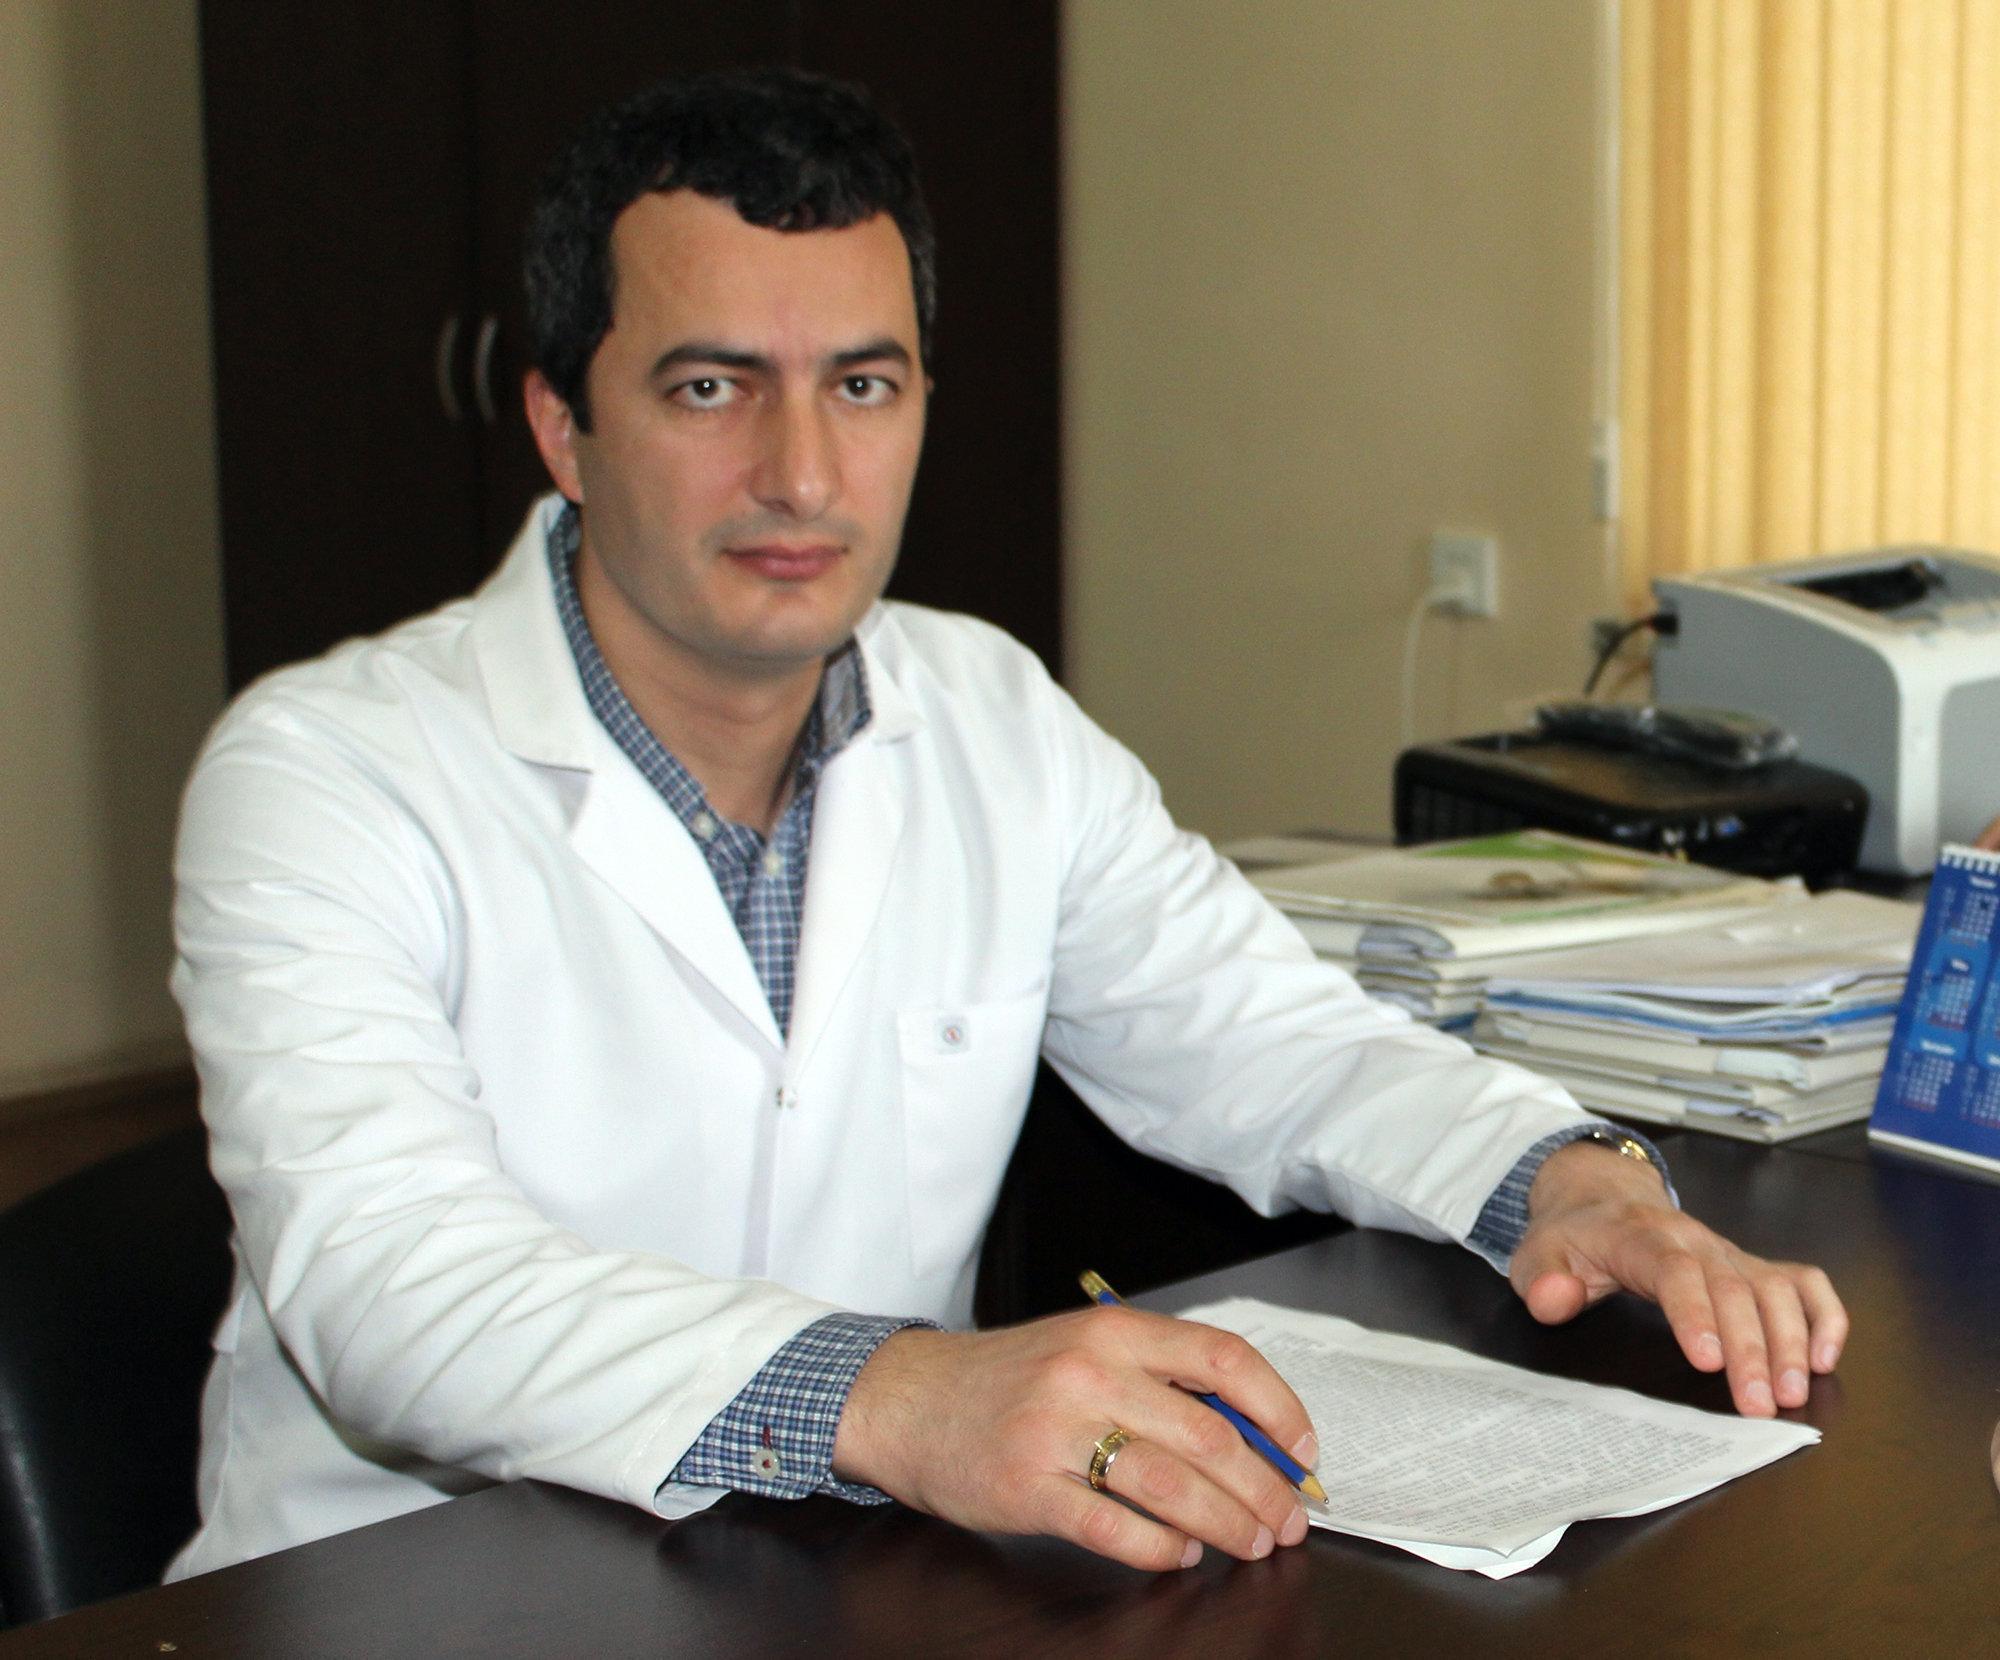 Заведующий отделом Республиканского наркологического центра (РНЦ) Парвин Мамедов